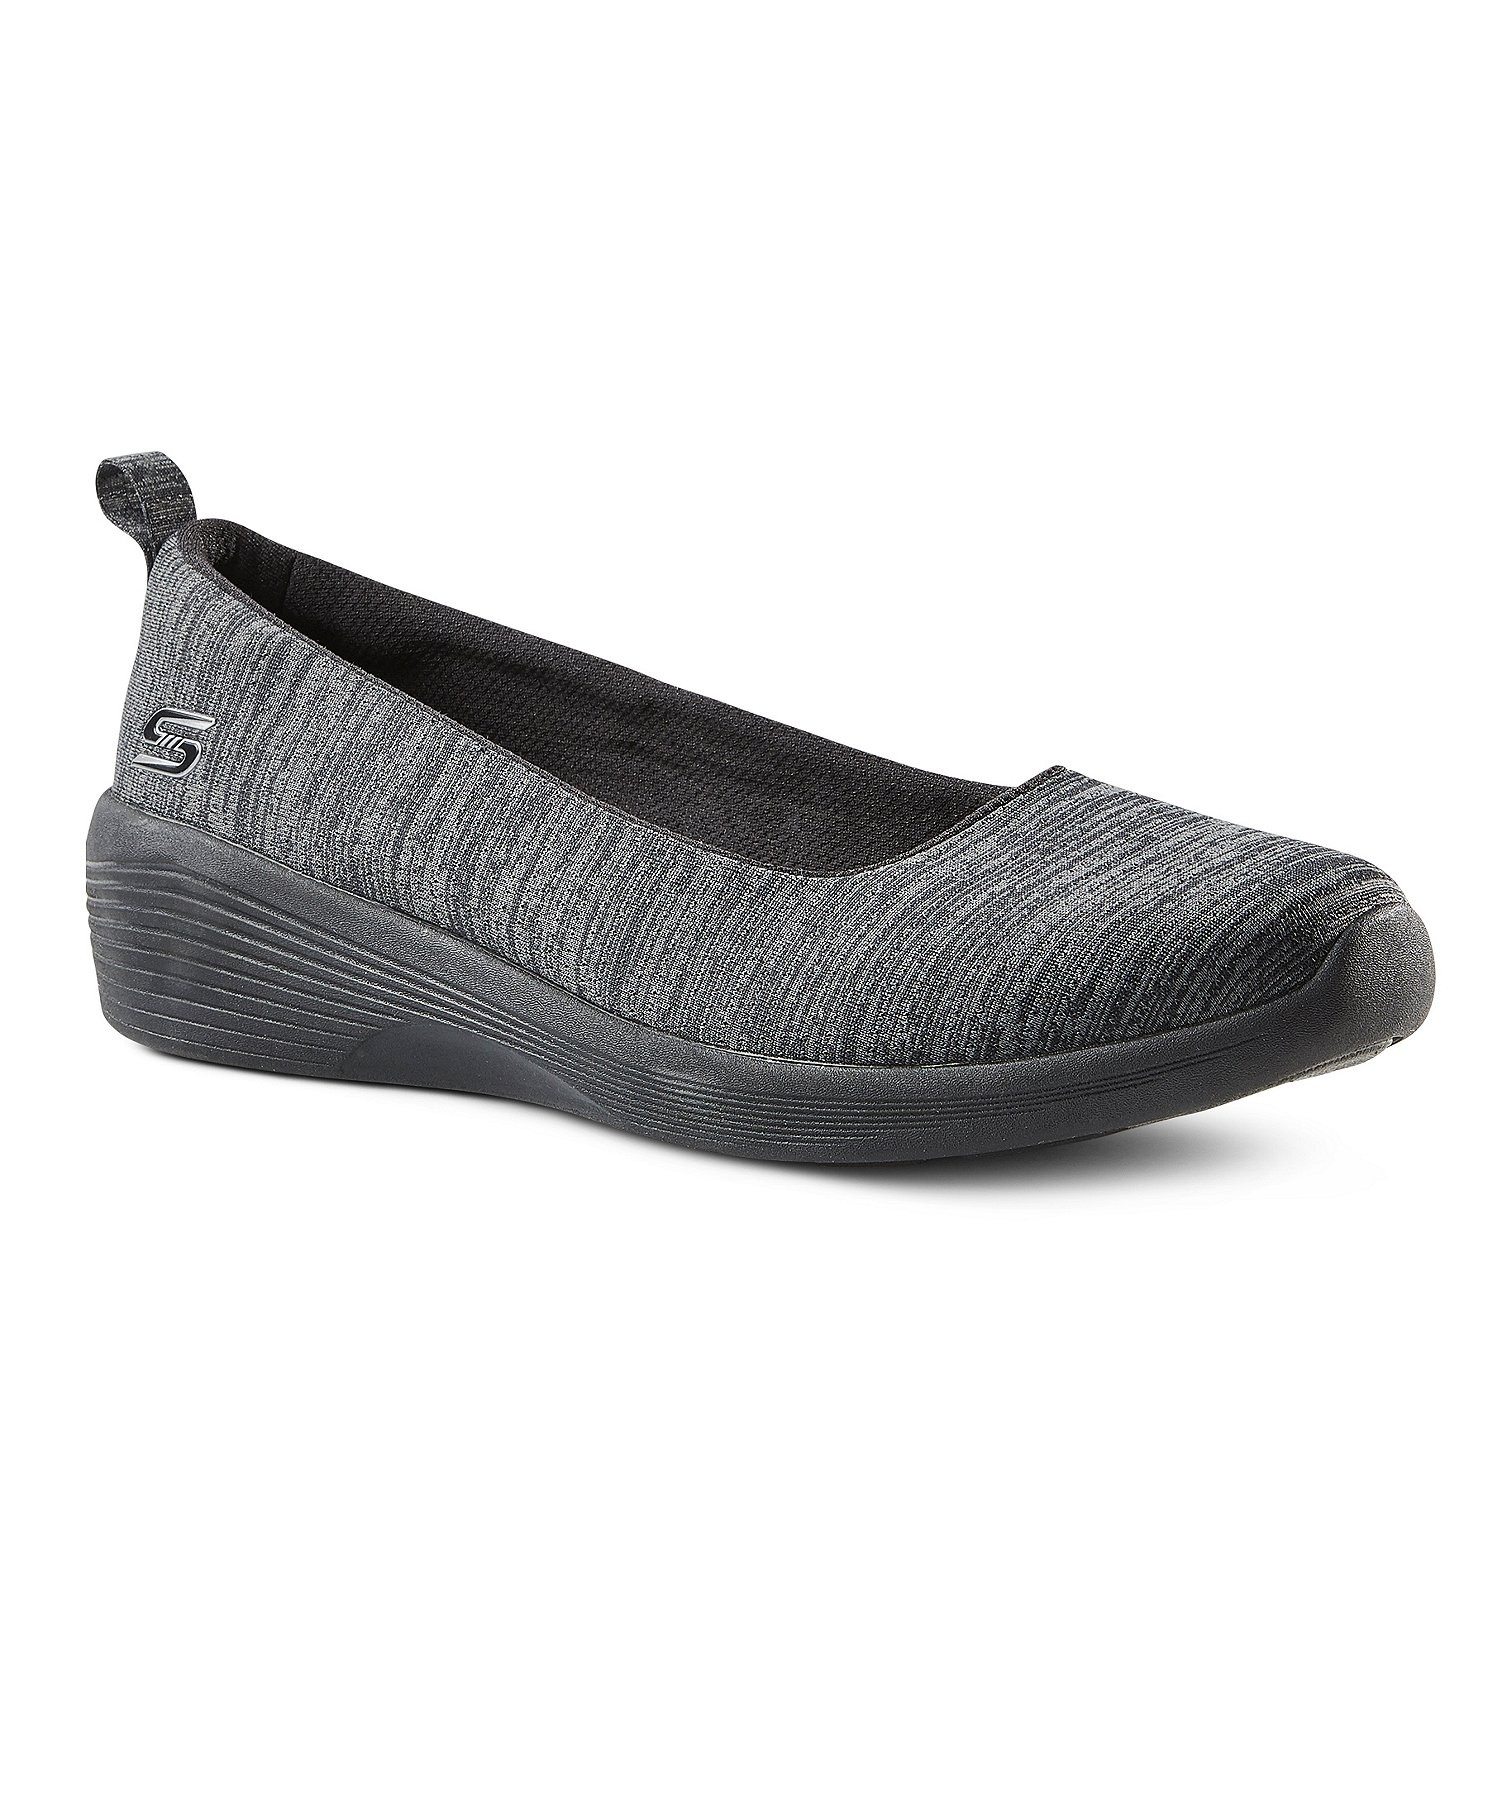 أنواع الأحذية النسائية-حذاء رمادي